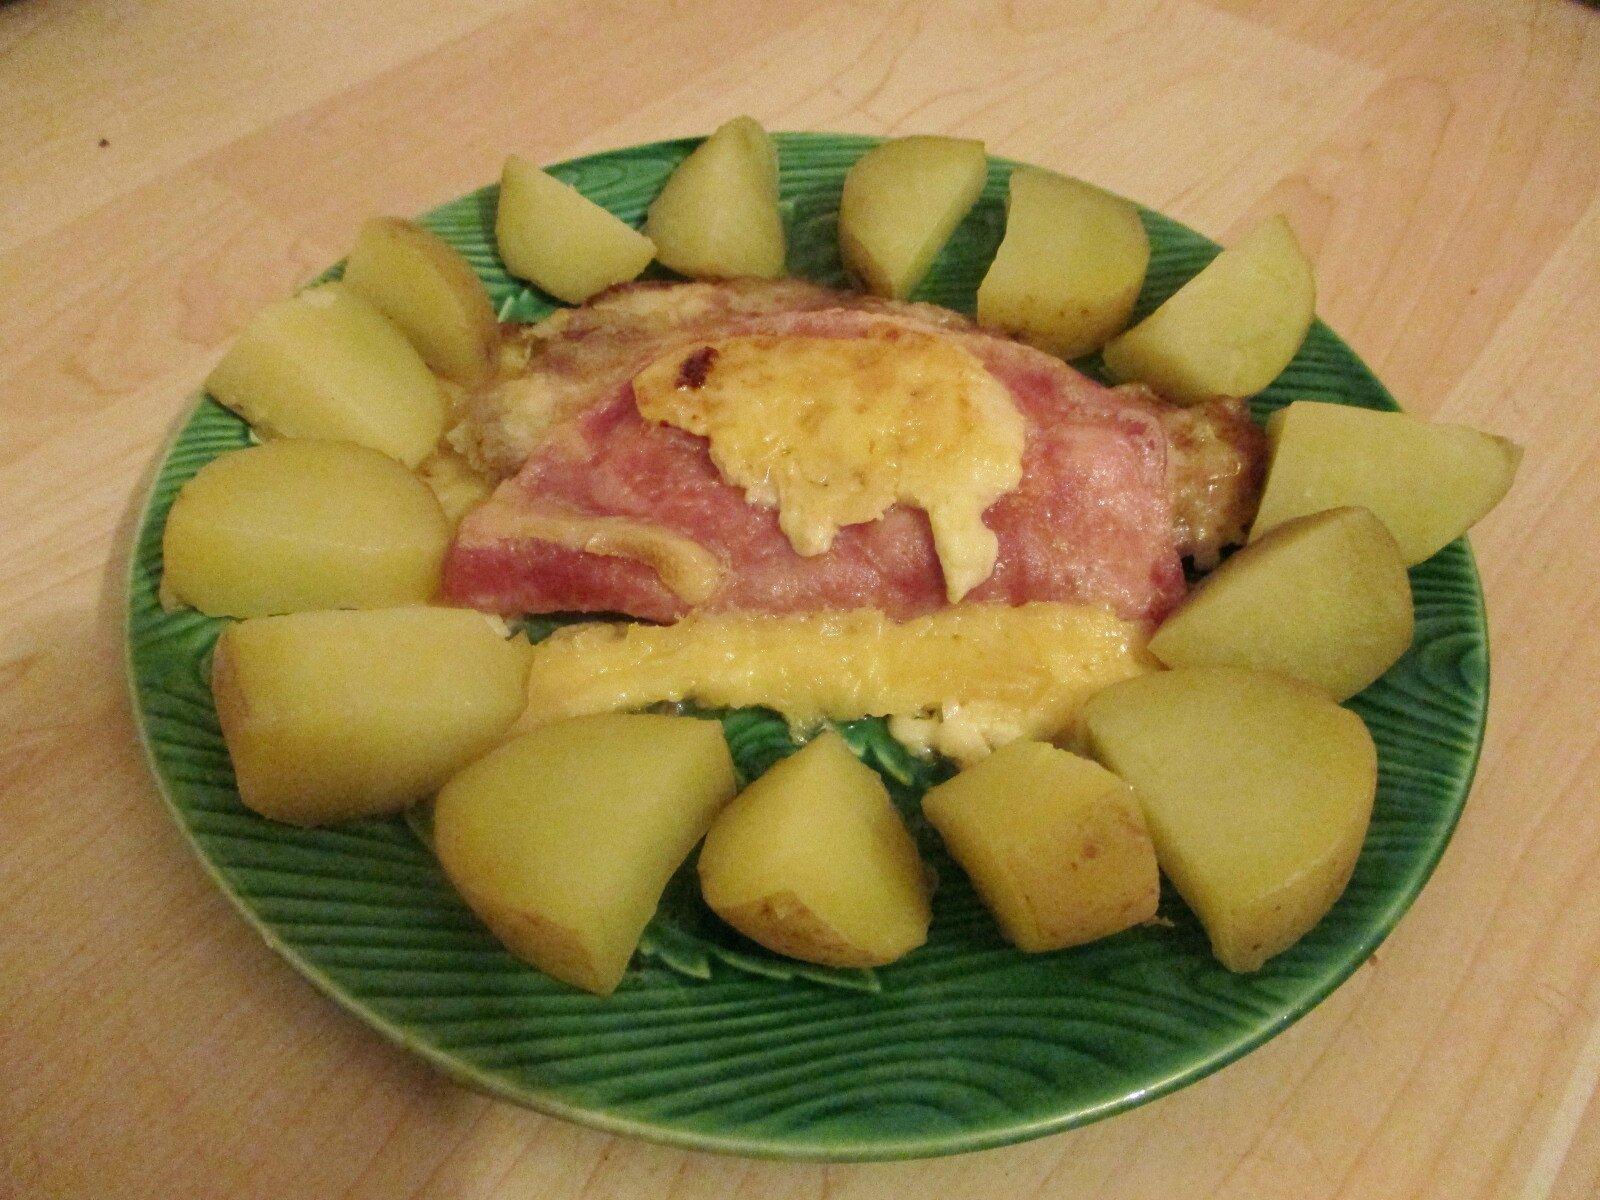 Cote de porc roul e au fromage a raclette une souris for Une souris dans ma cuisine